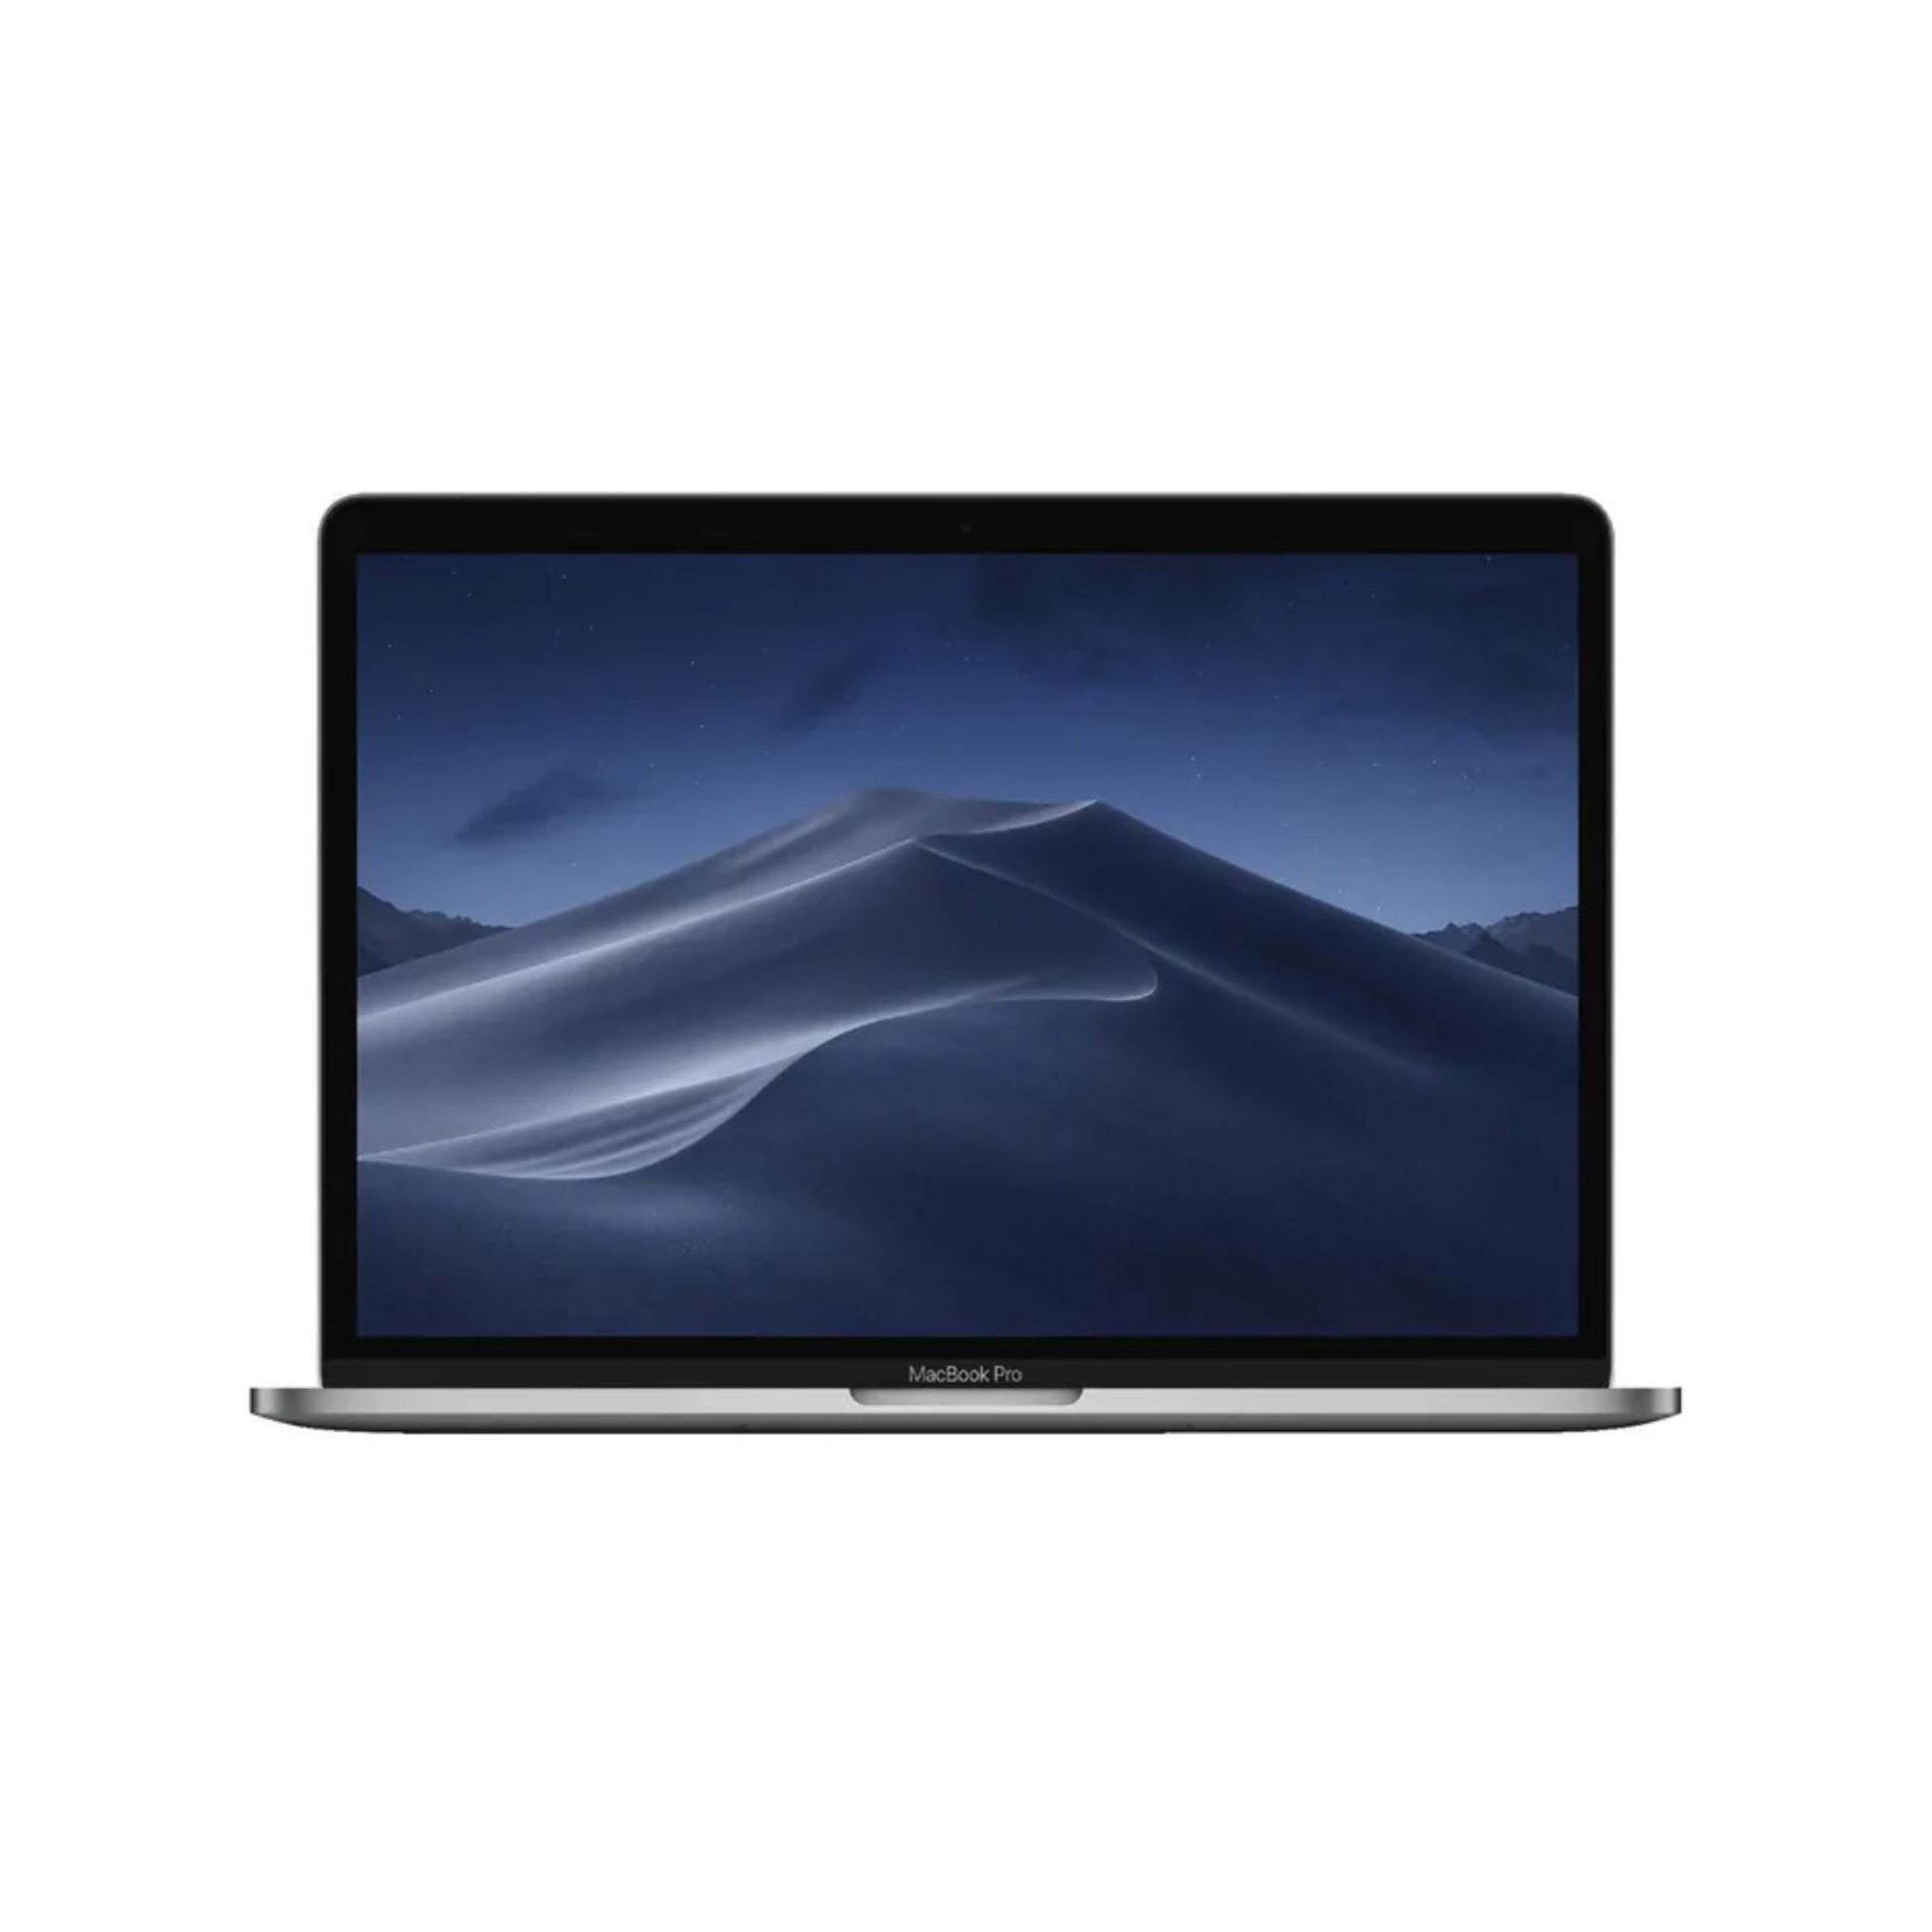 Apple 13in MacBook Pro 2020 - 2.0GHz 10th Gen Intel i5 1TB - Space Grey (MWP52X/A)